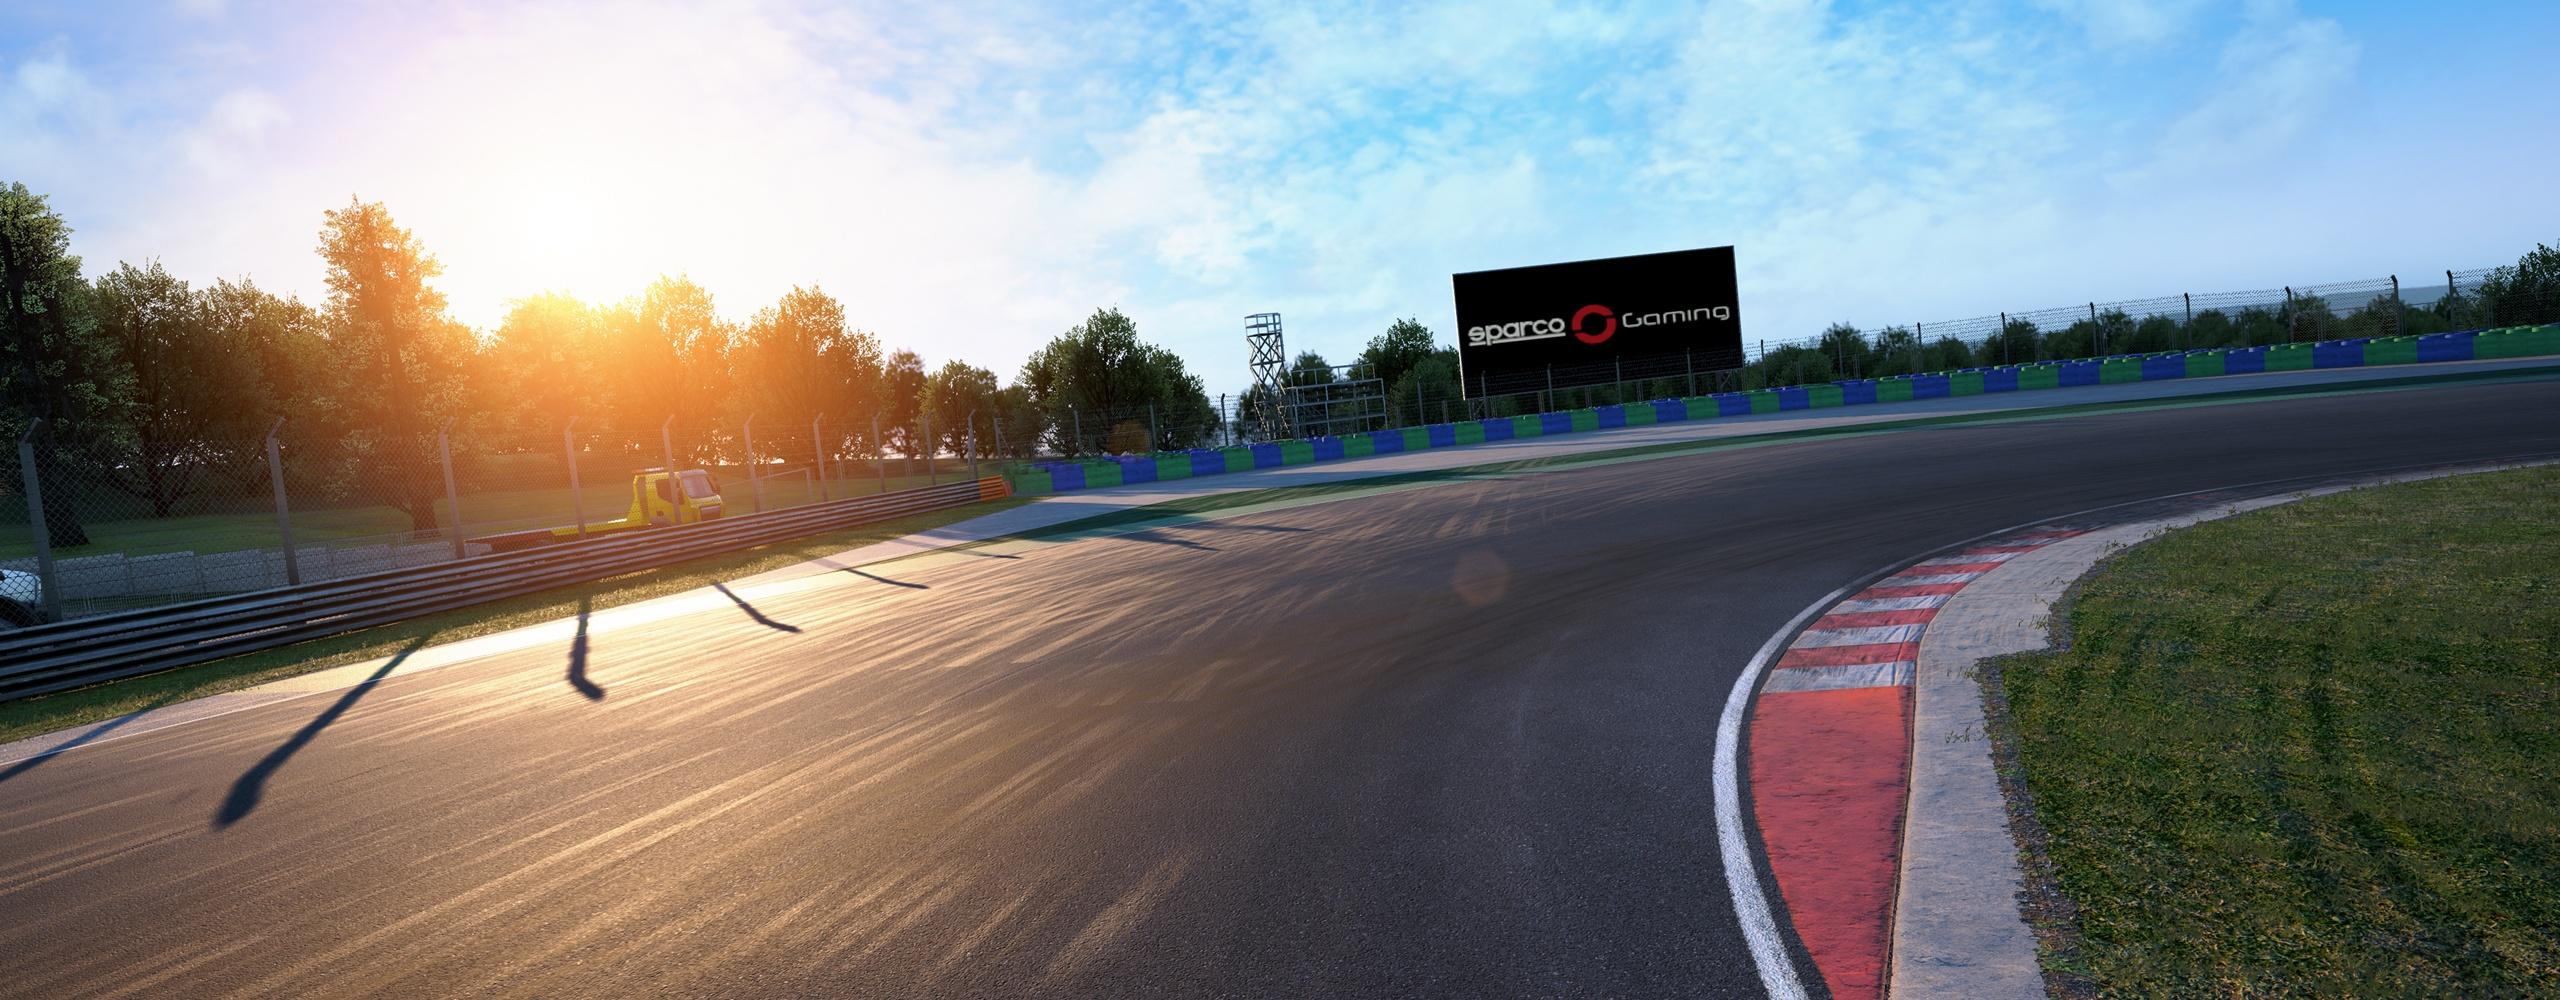 Assetto Corsa Competizione Console Gameplay Showcase